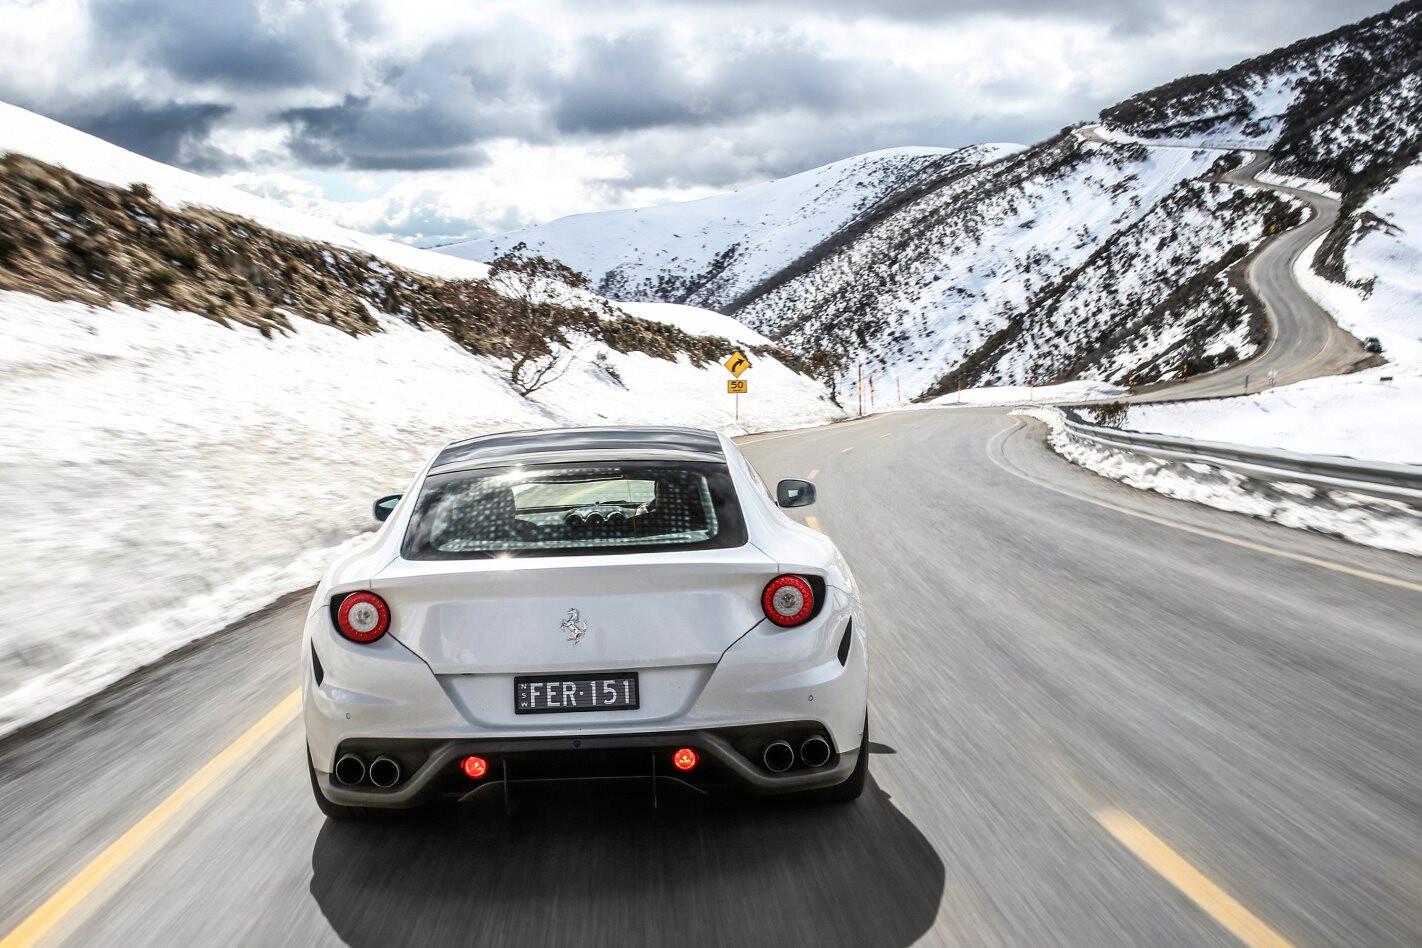 Ferrari FF Alpine road trip